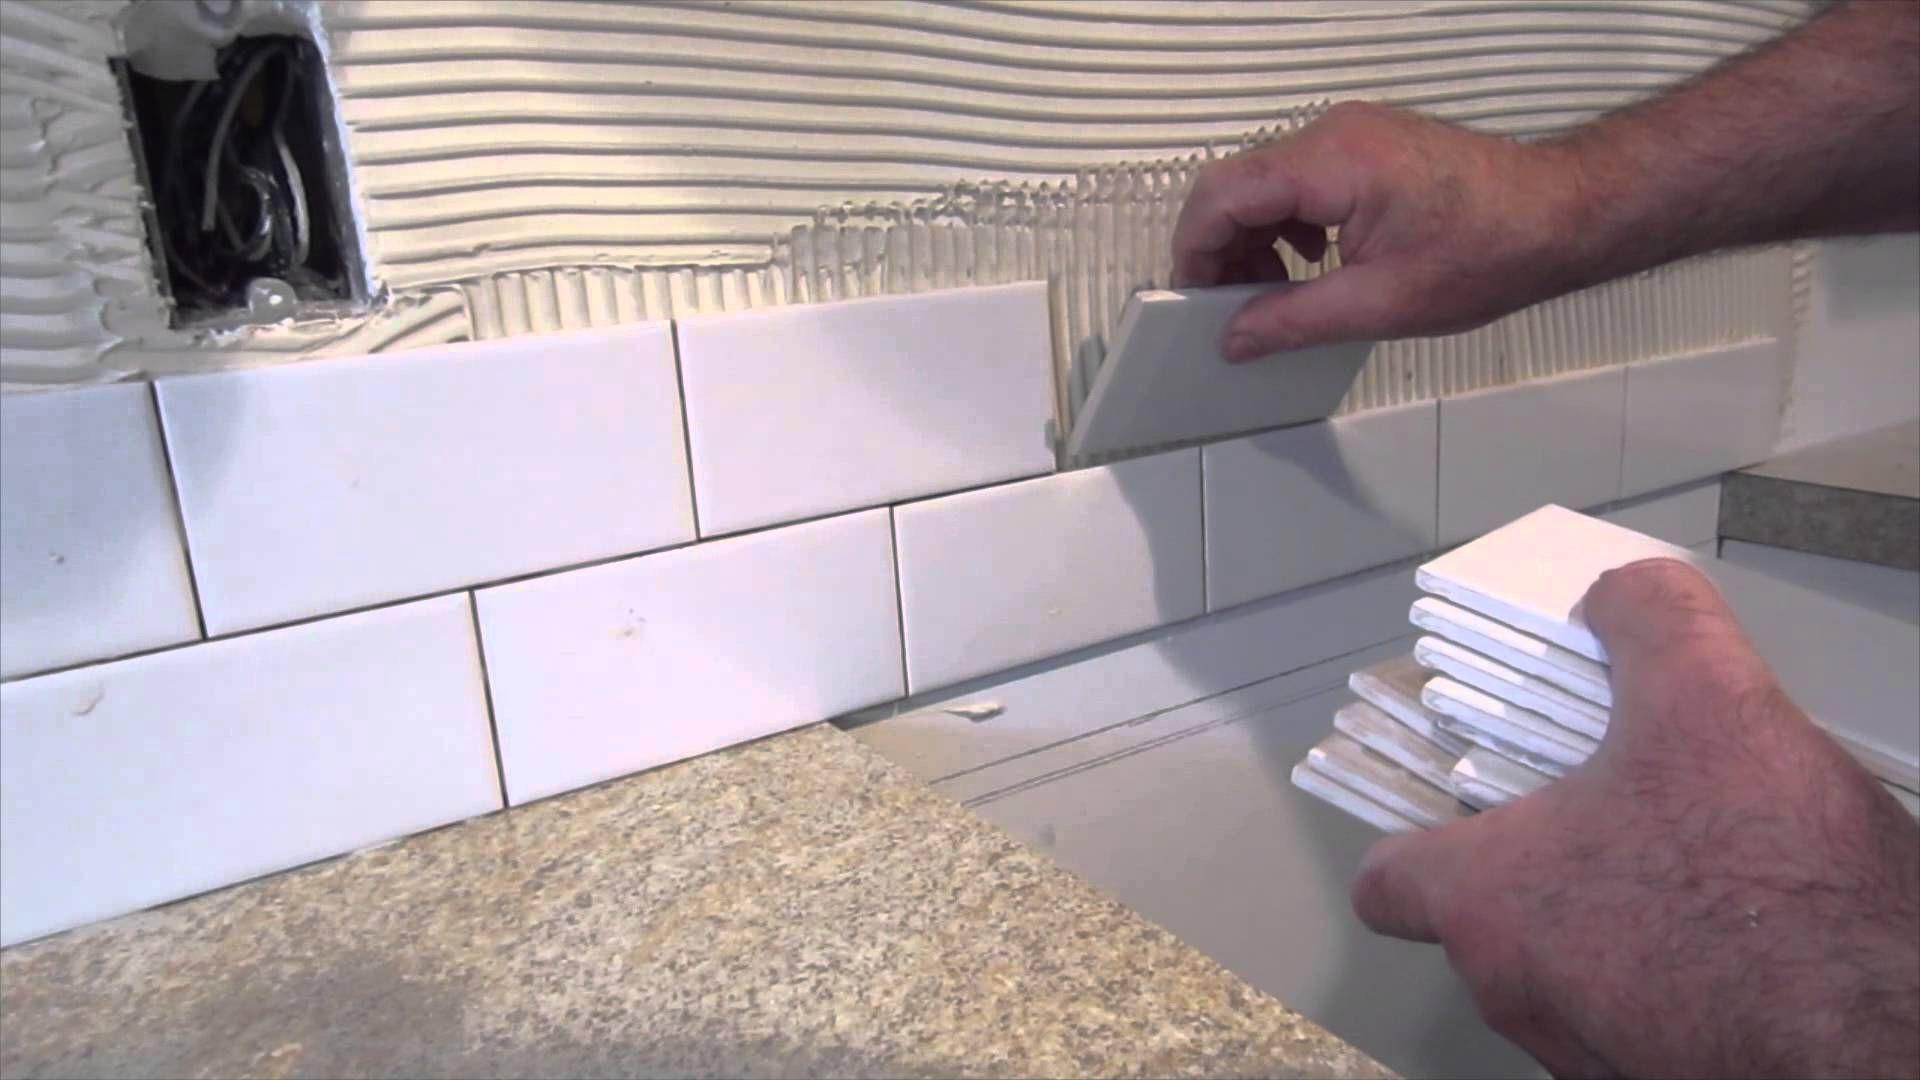 Pin By Sloancelette On Kitchen Dining Room Cocina Y Comedor Diy Backsplash Kitchen Tiles Backsplash Subway Tile Kitchen